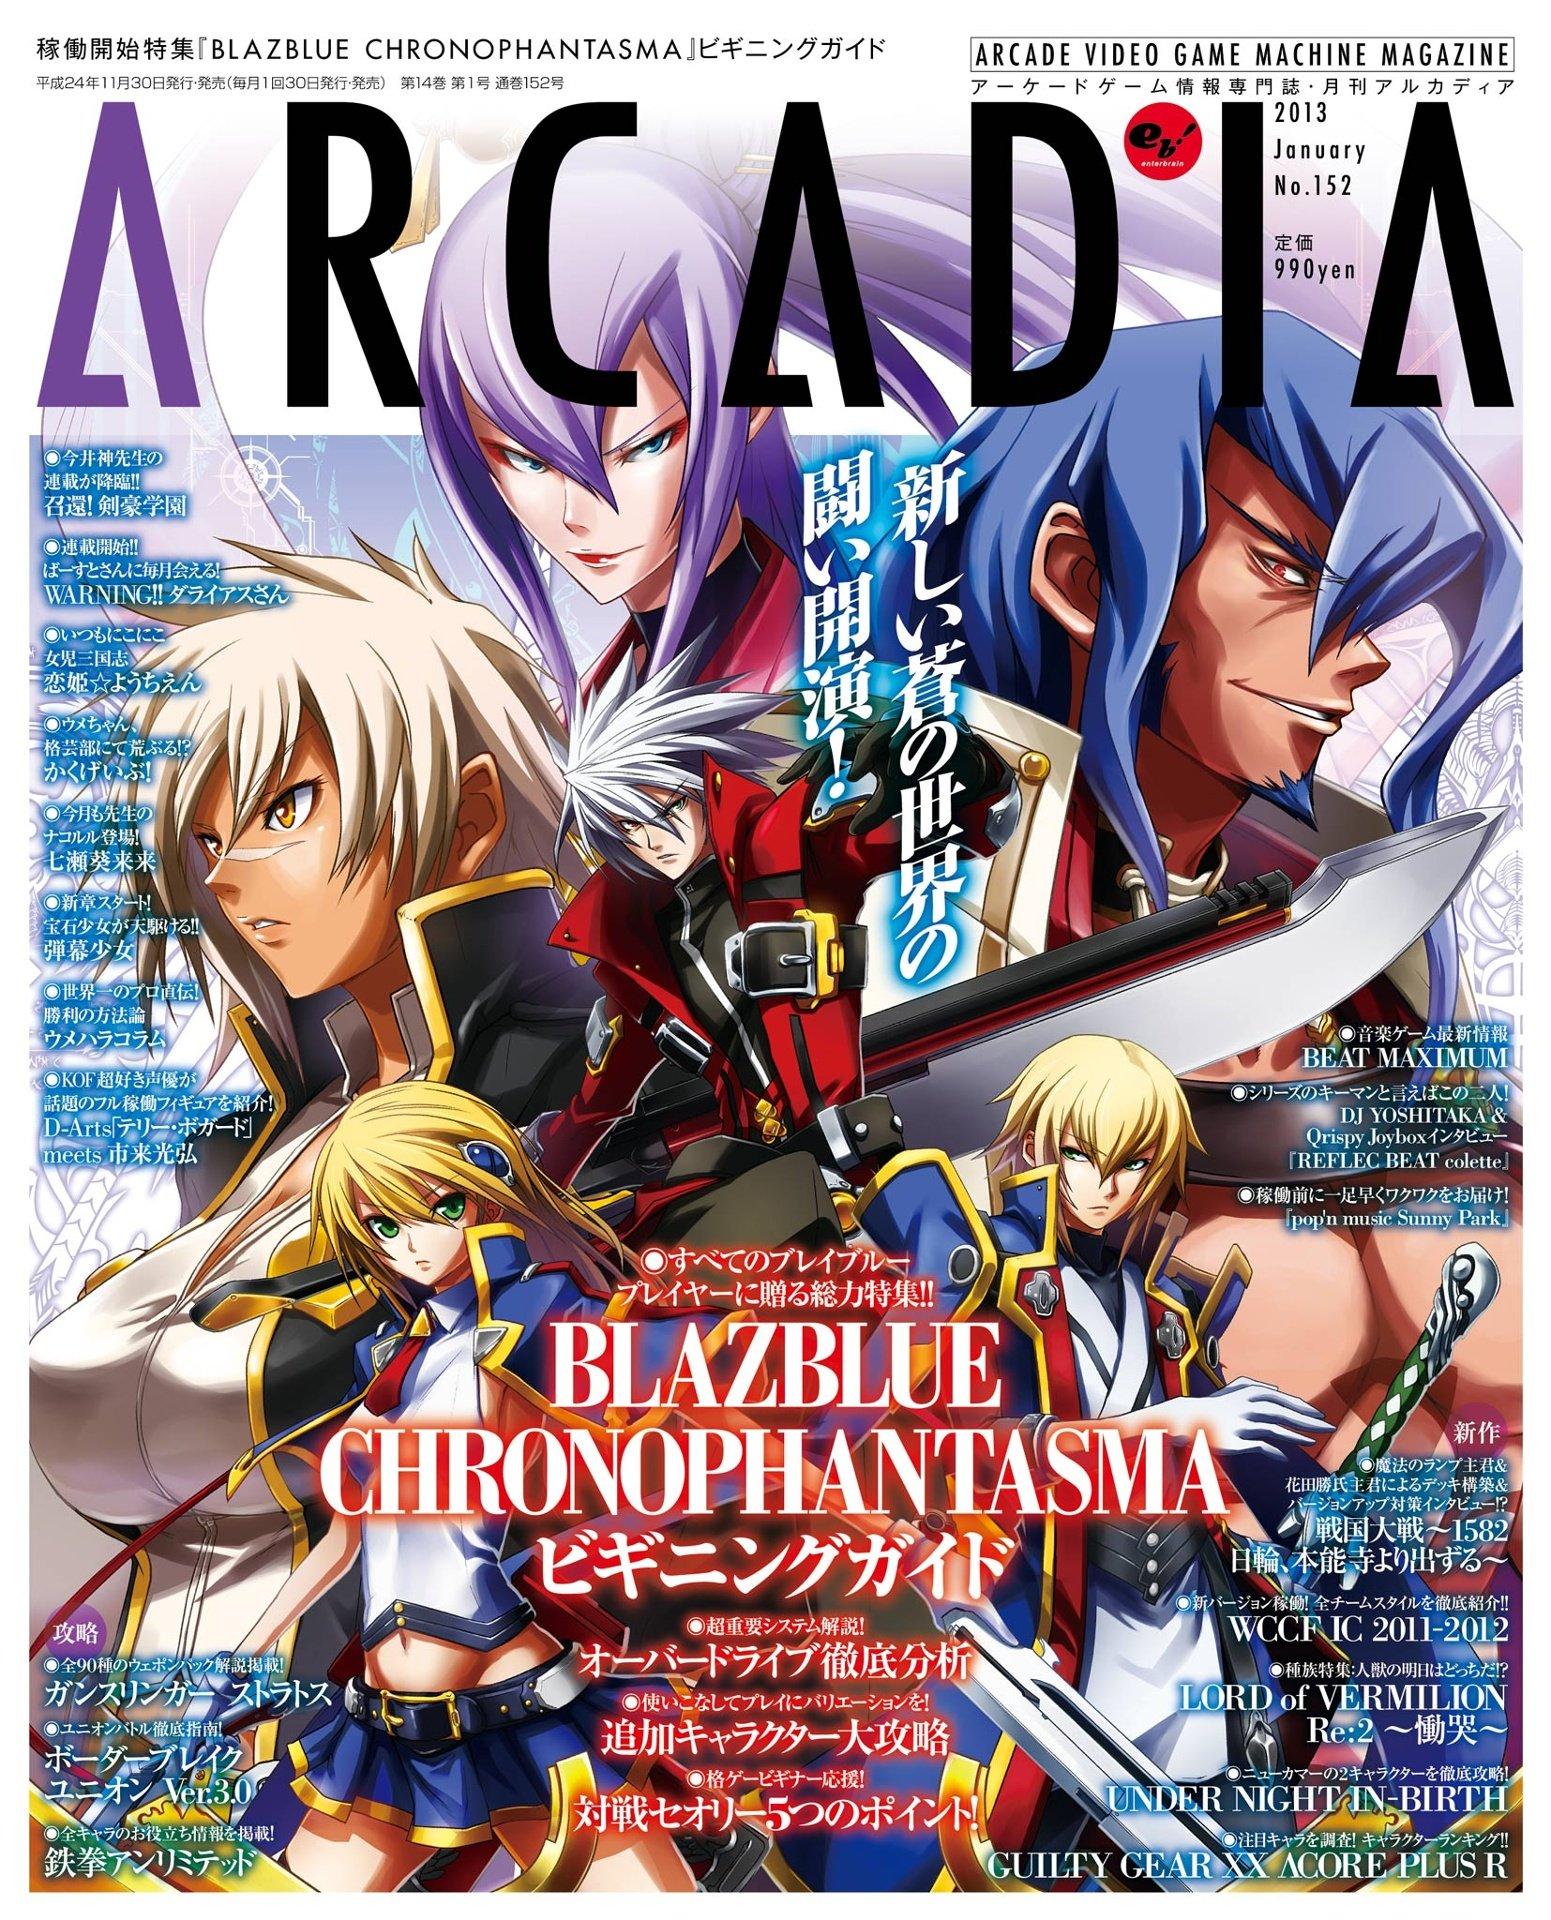 Arcadia Issue 152 (January 2013)